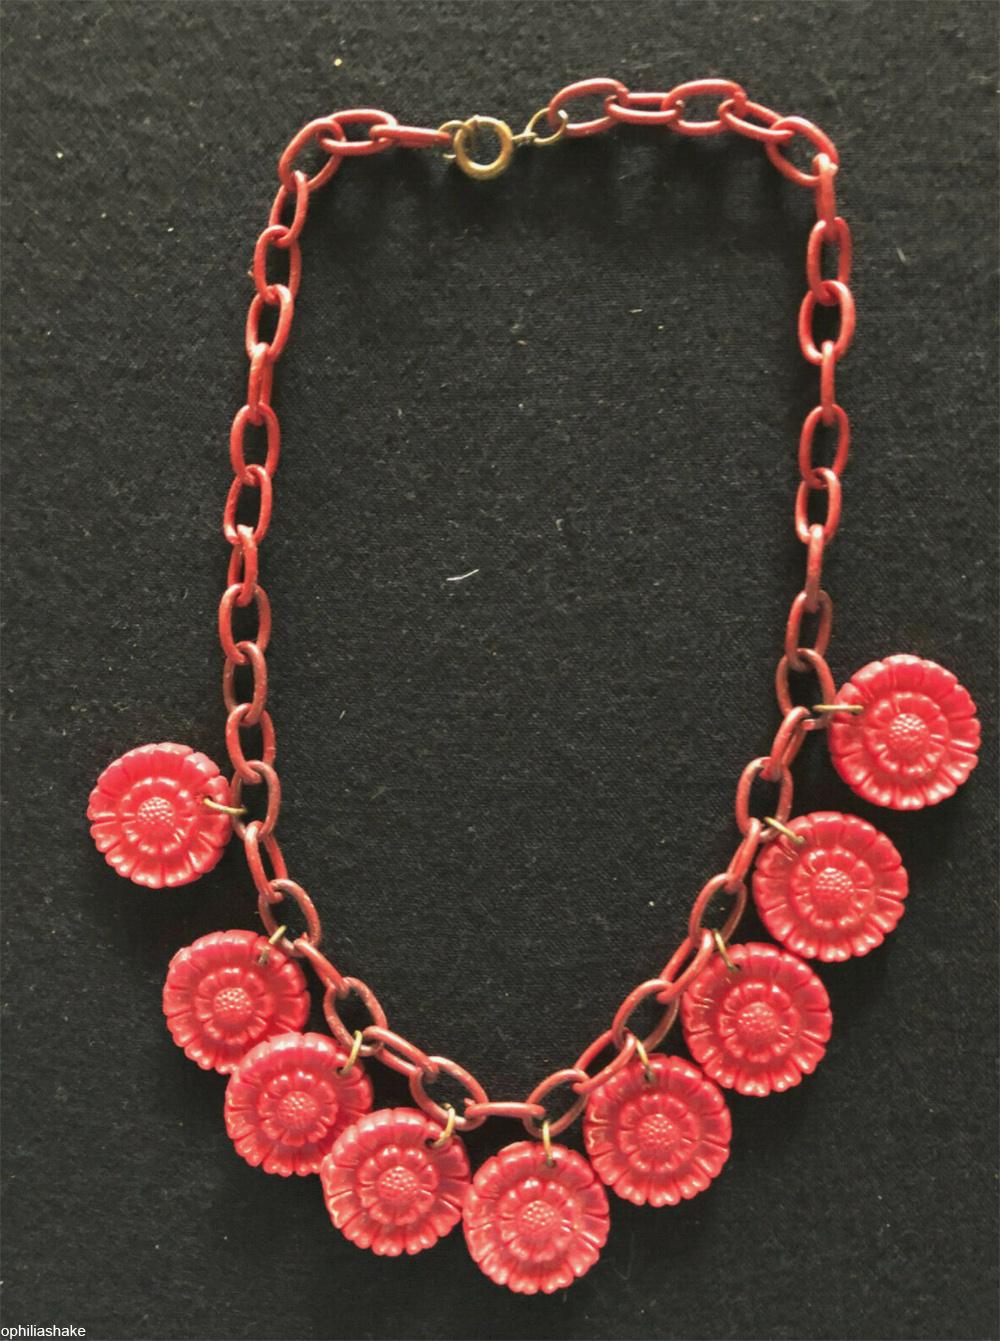 vintage celluloid plastic necklace